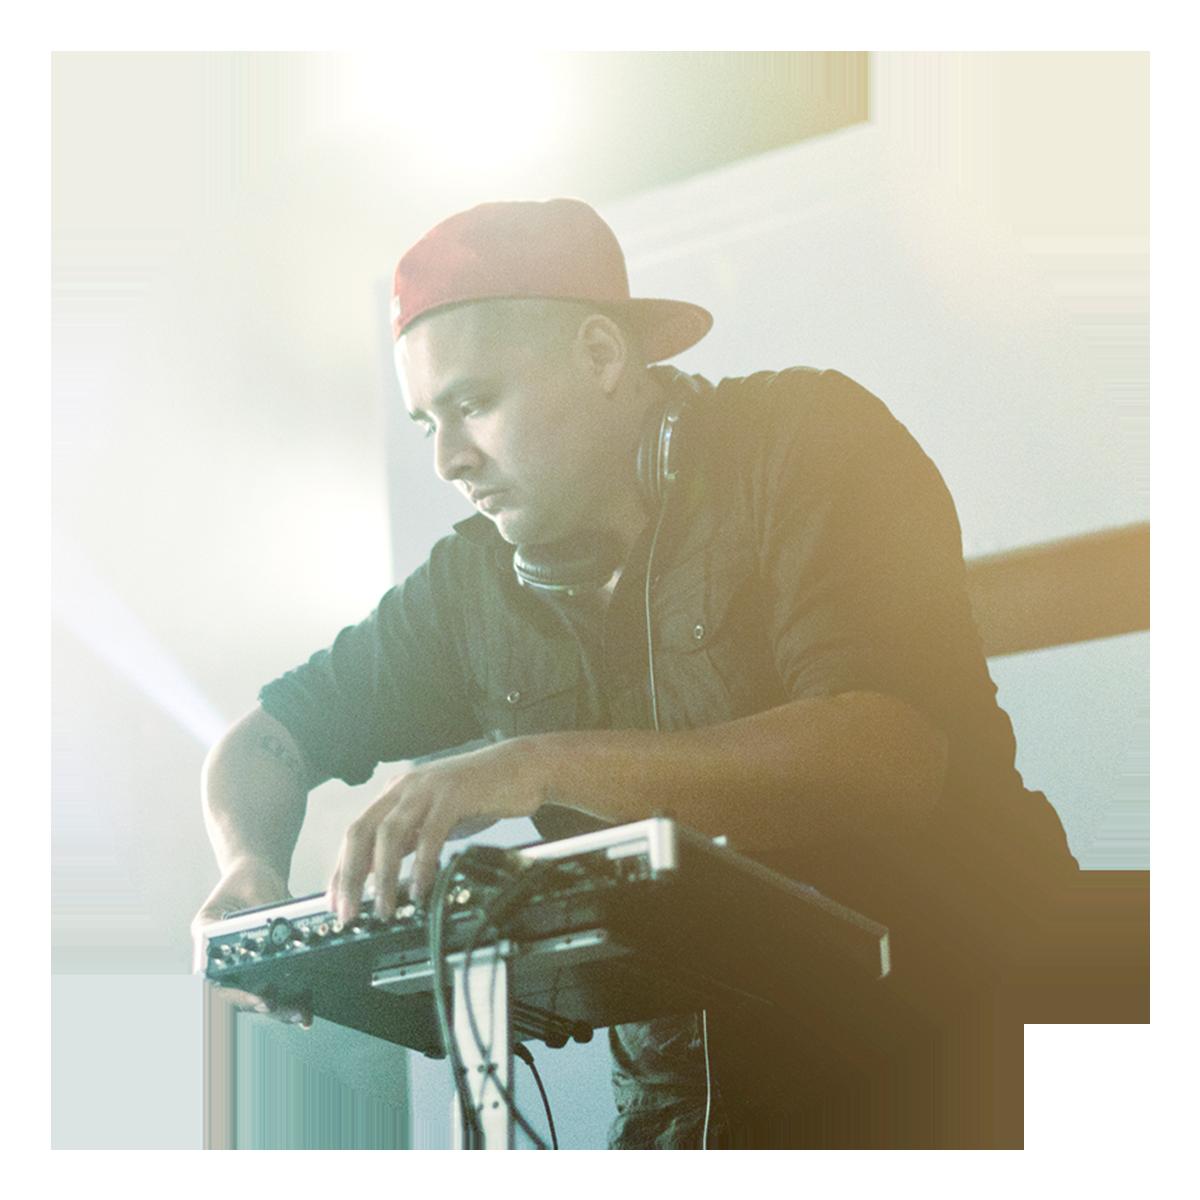 DJ Vow